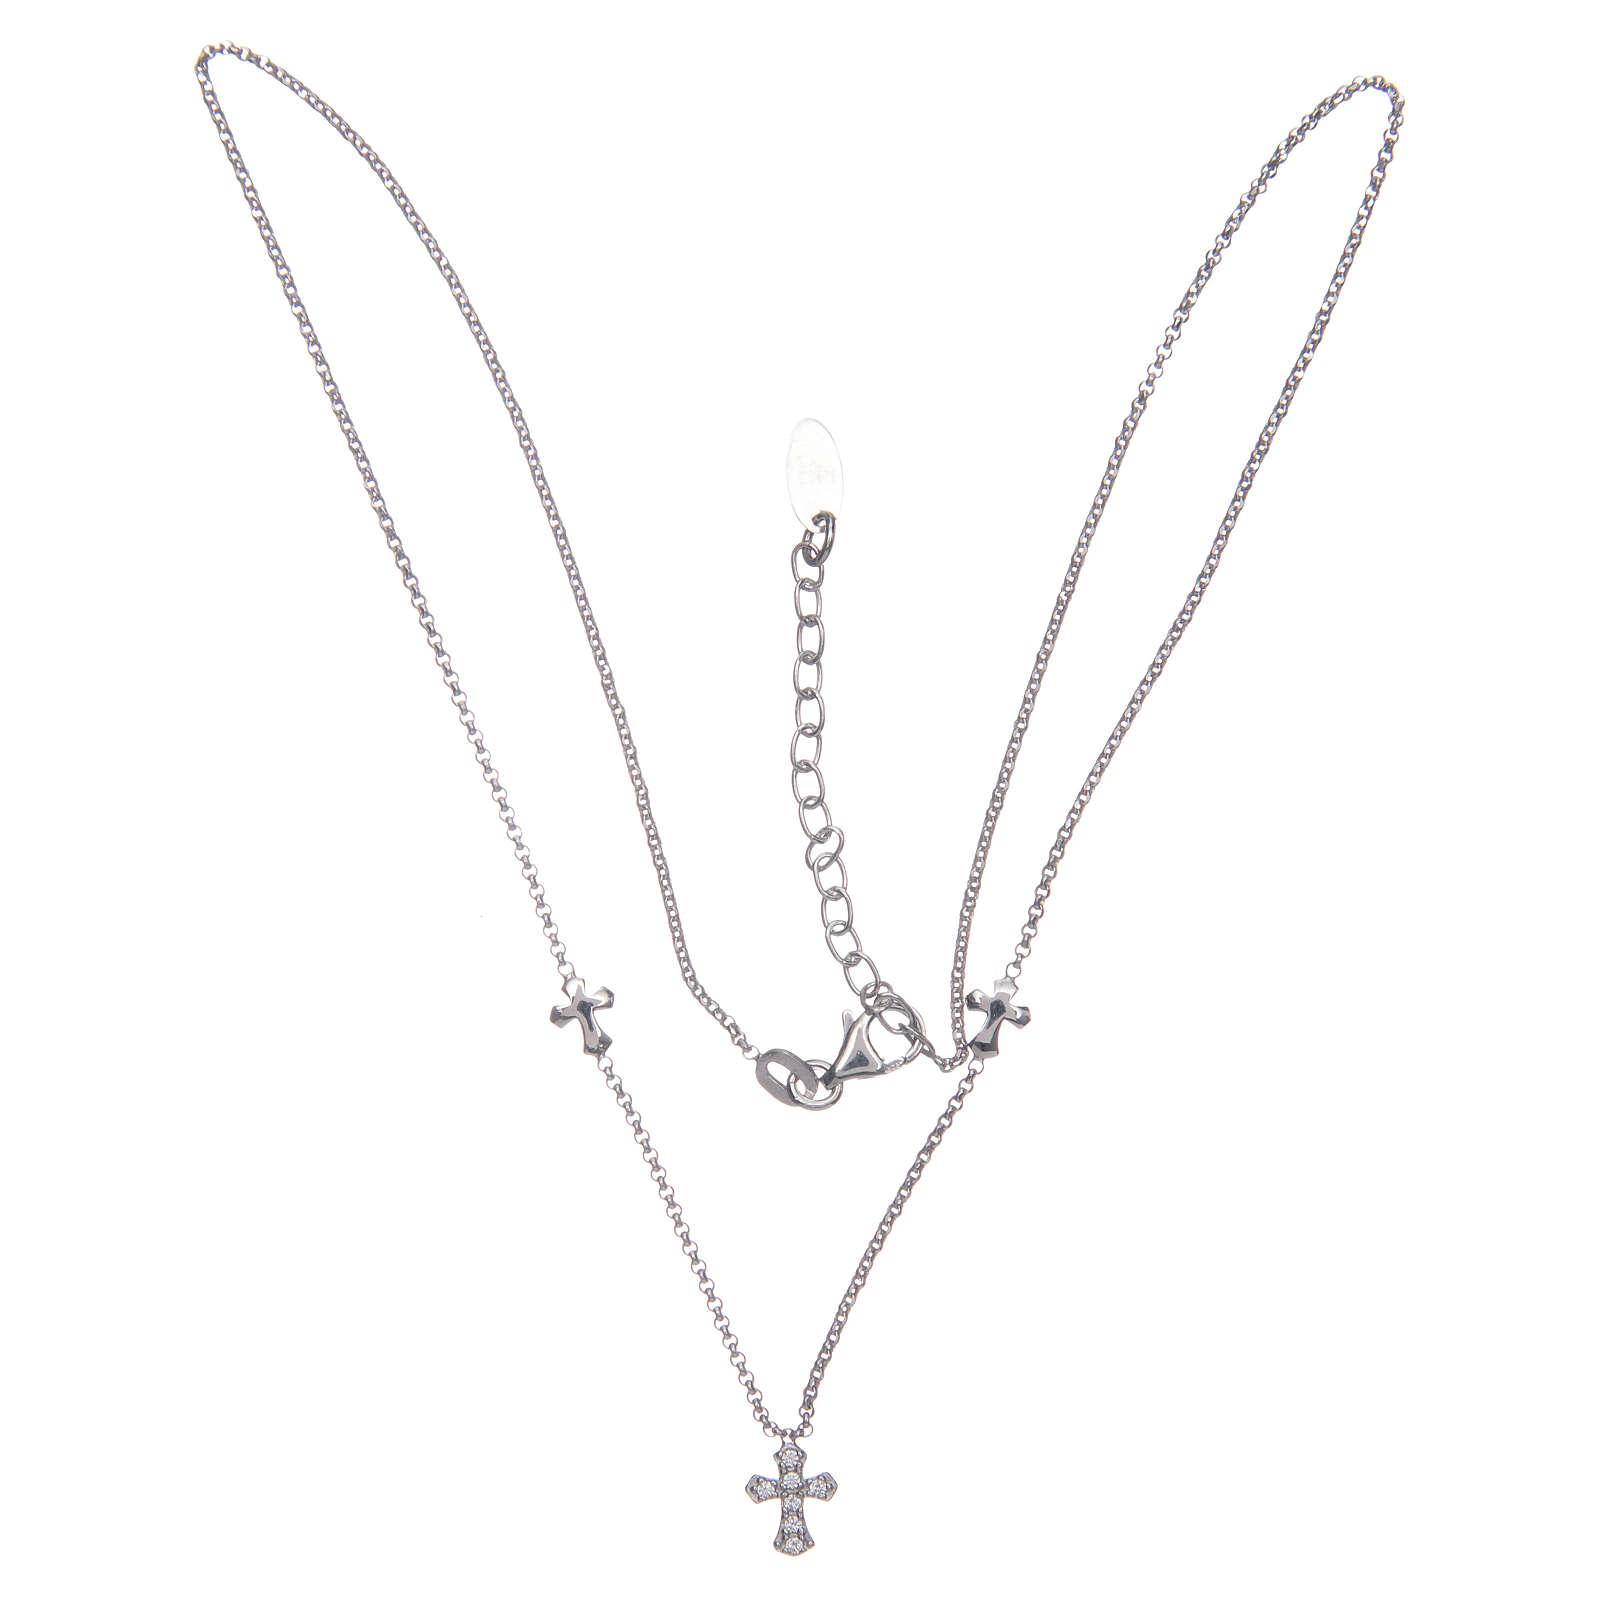 Collier Amen argent 925 rhodié croix 4